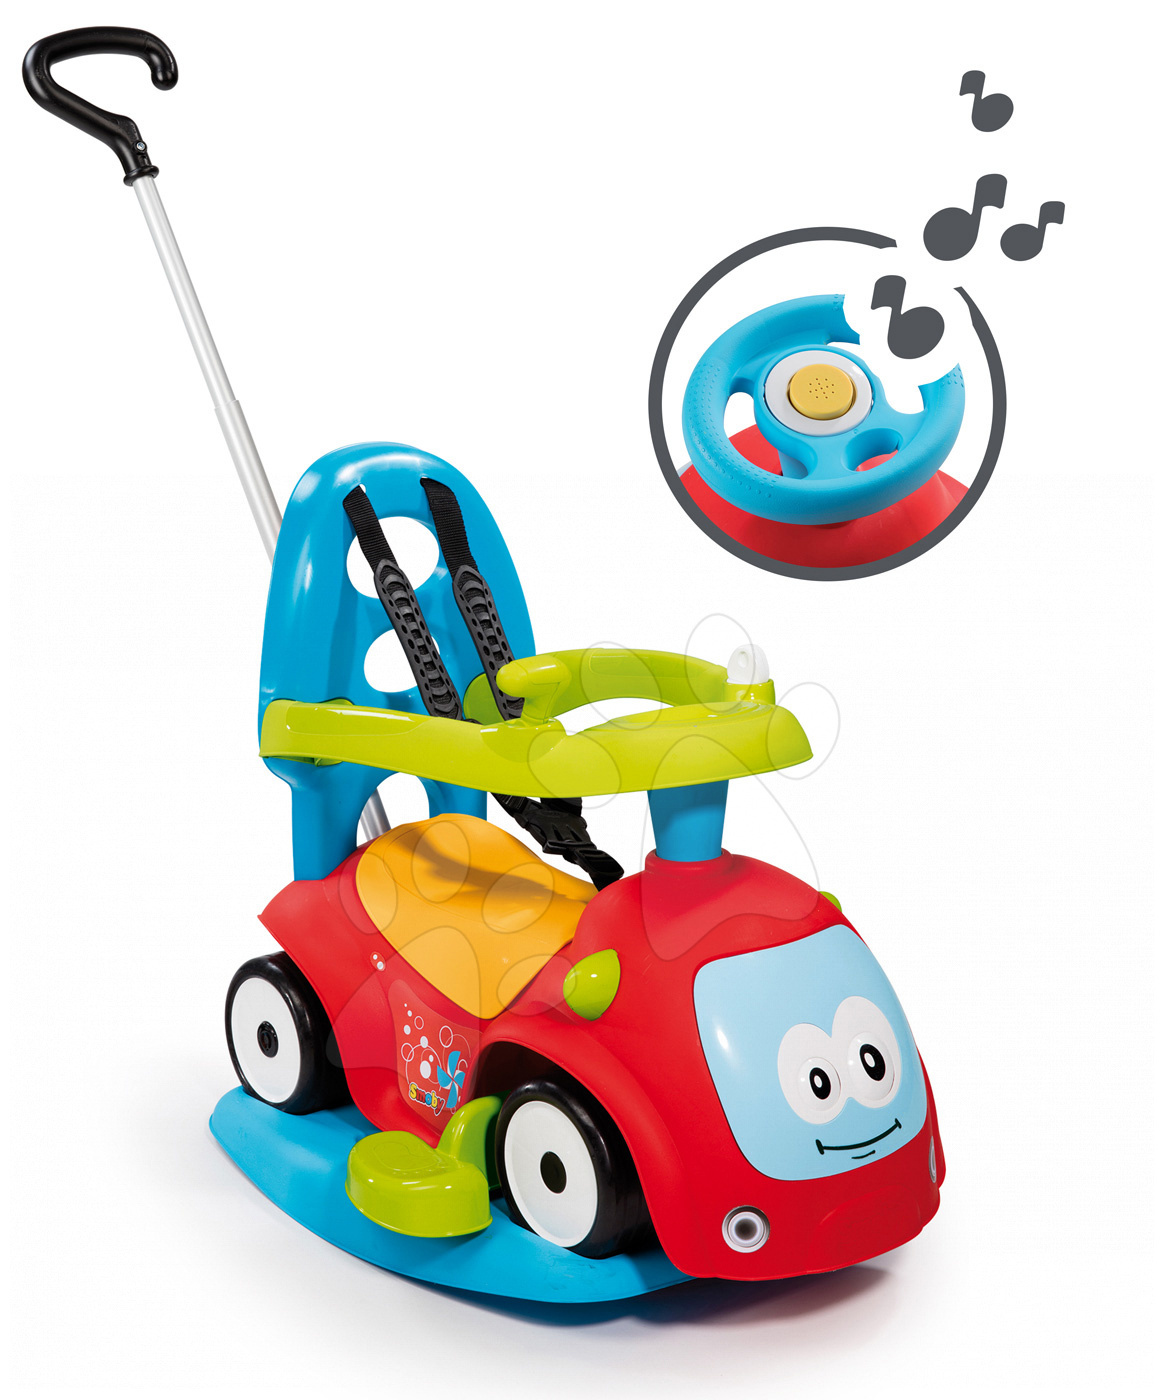 Guralice za djecu od 6 mjeseci - Guralica s ljuljačkom Maestro III Balade Smoby crveno-plava s elektroničkim volanom od 6 mjeseci